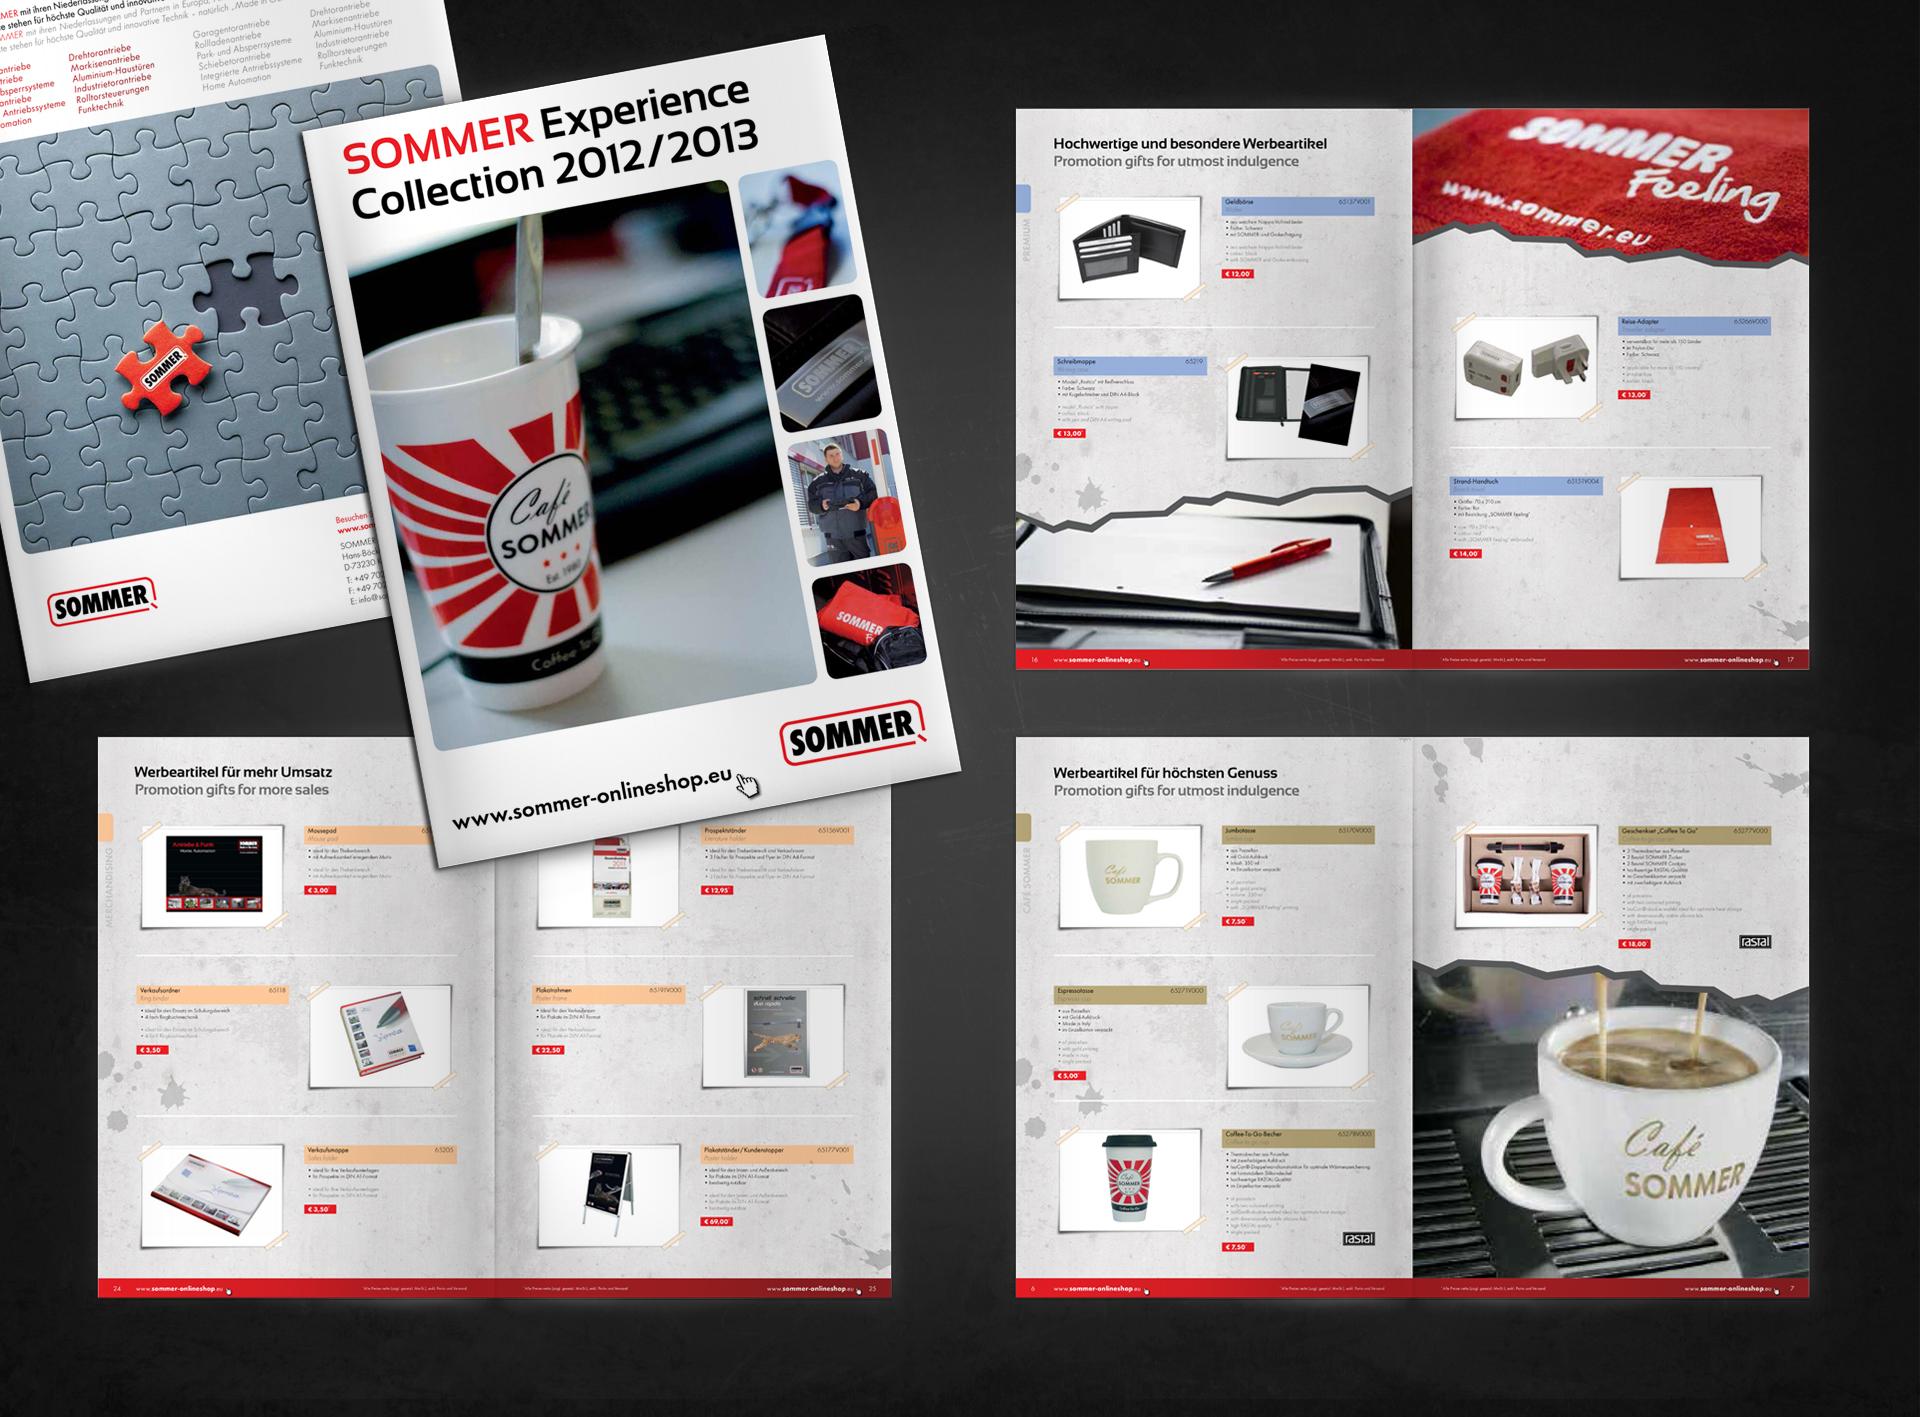 SOMMER Merchandising Katalog